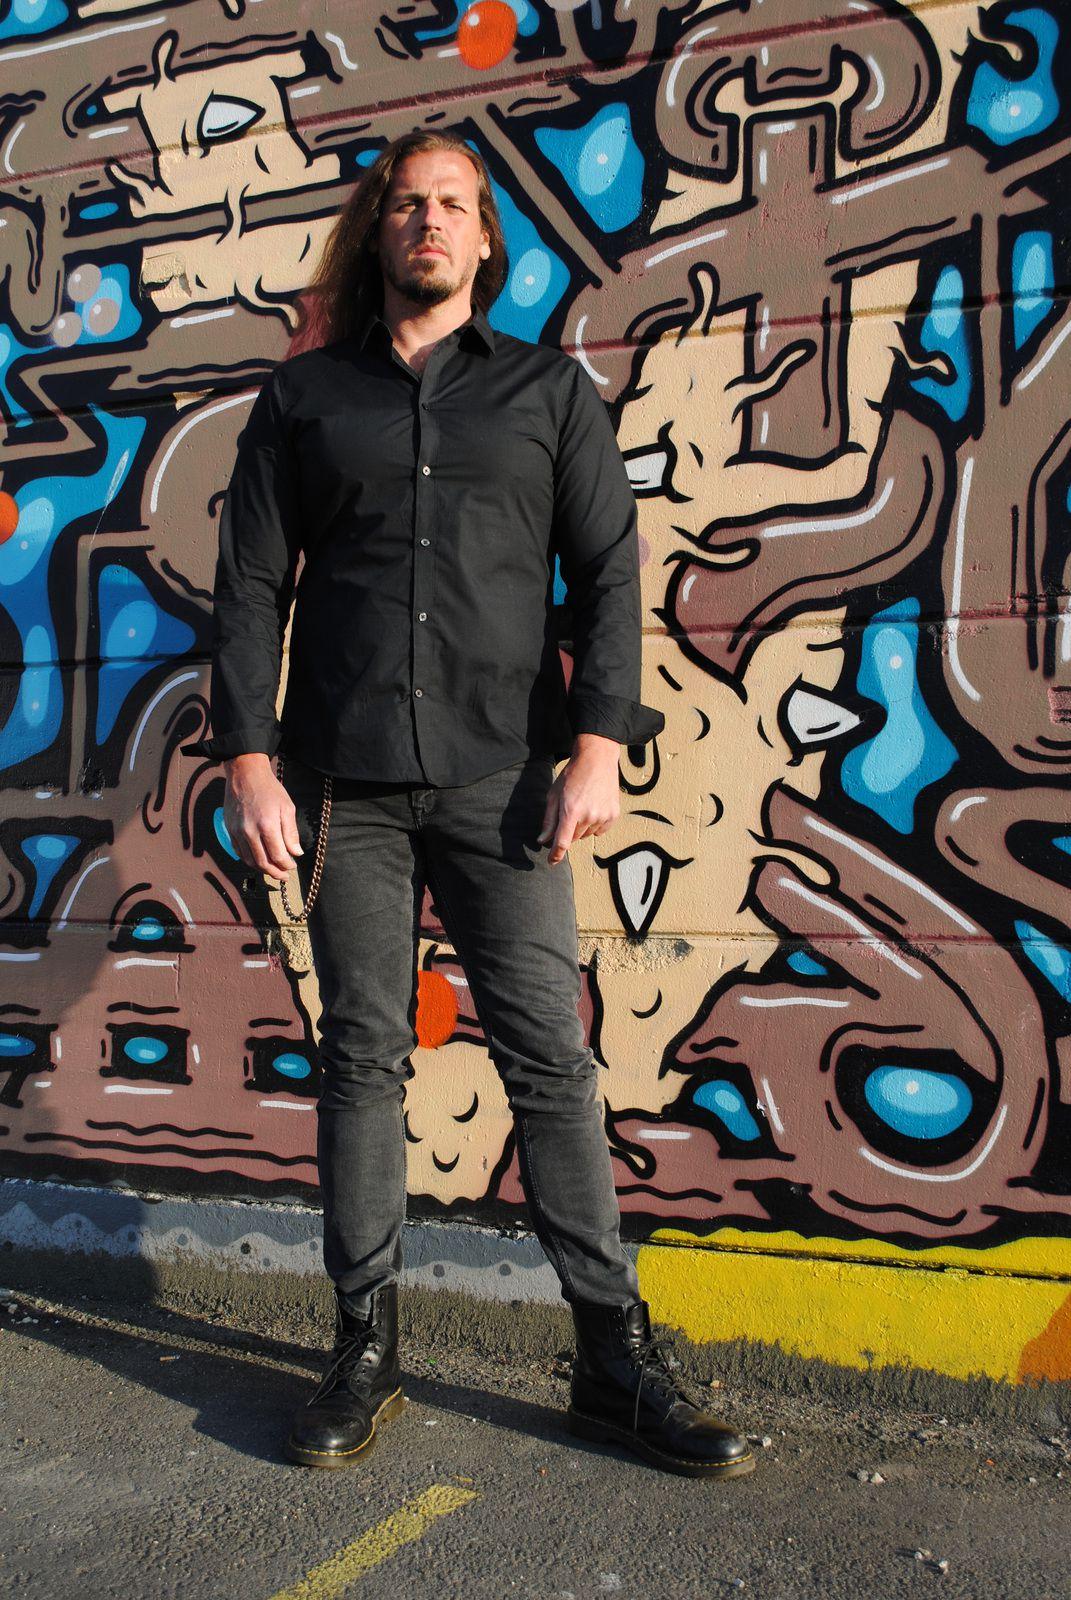 VIDEO - Interview avec Johan REINHOLDZ pour les nouveaux albums de NONEXIST et de DARK TRANQUILITY